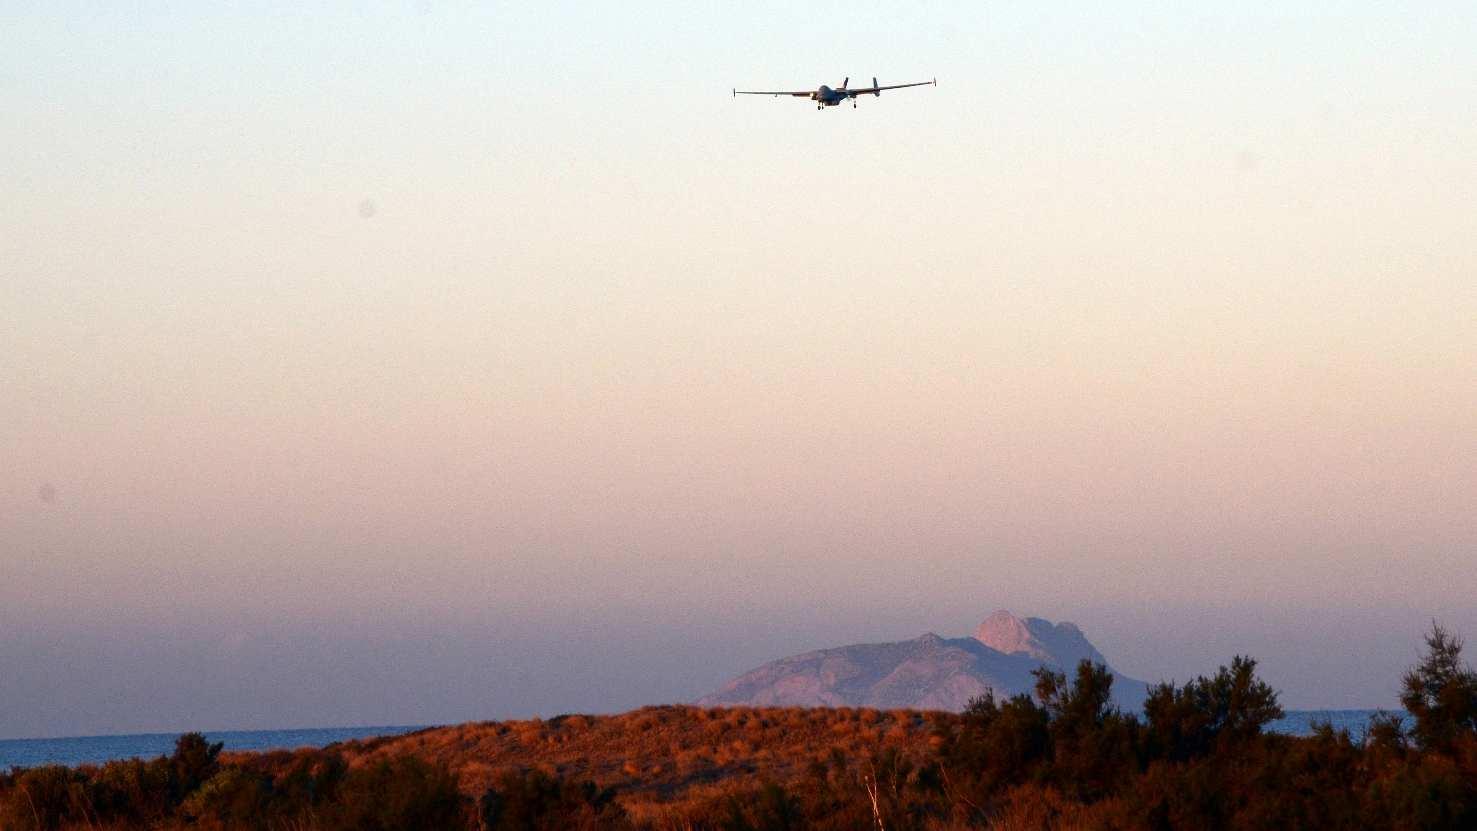 Le Heron cumule 200 heures de vol pour Frontex